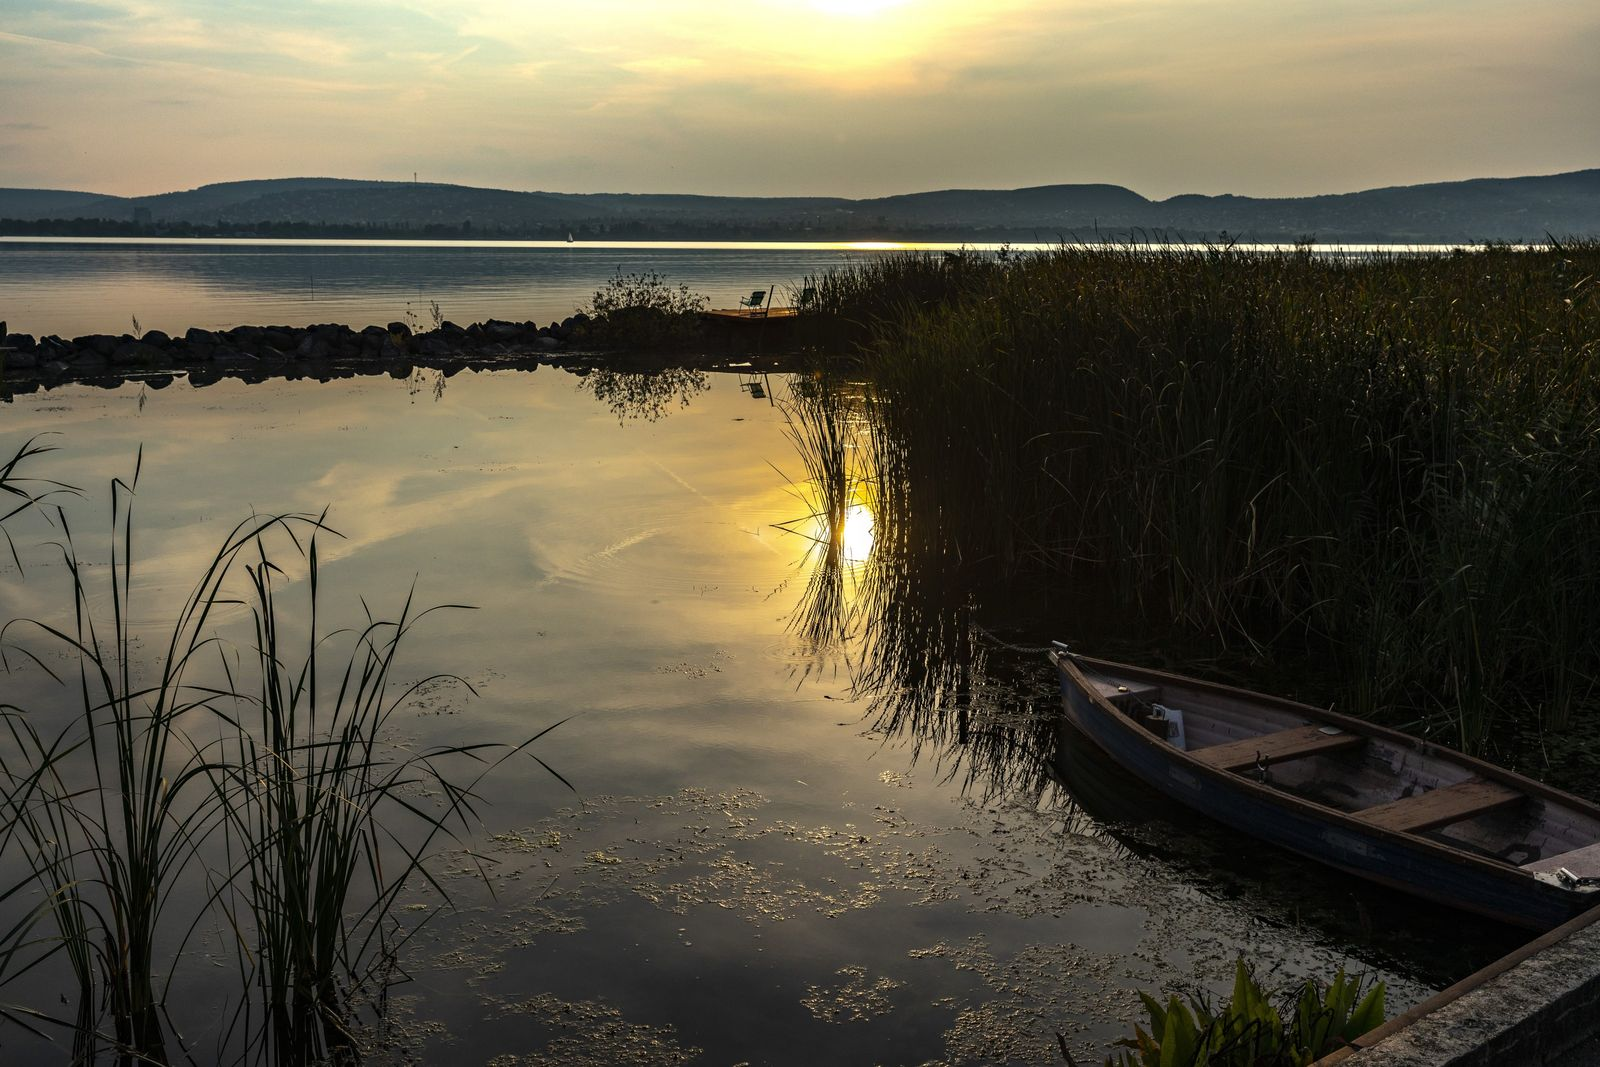 Dieses Ruderboot hat sein Tagwerk auf dem Balaton vollbracht und liegt nun am Steg vertäut. Auf ...